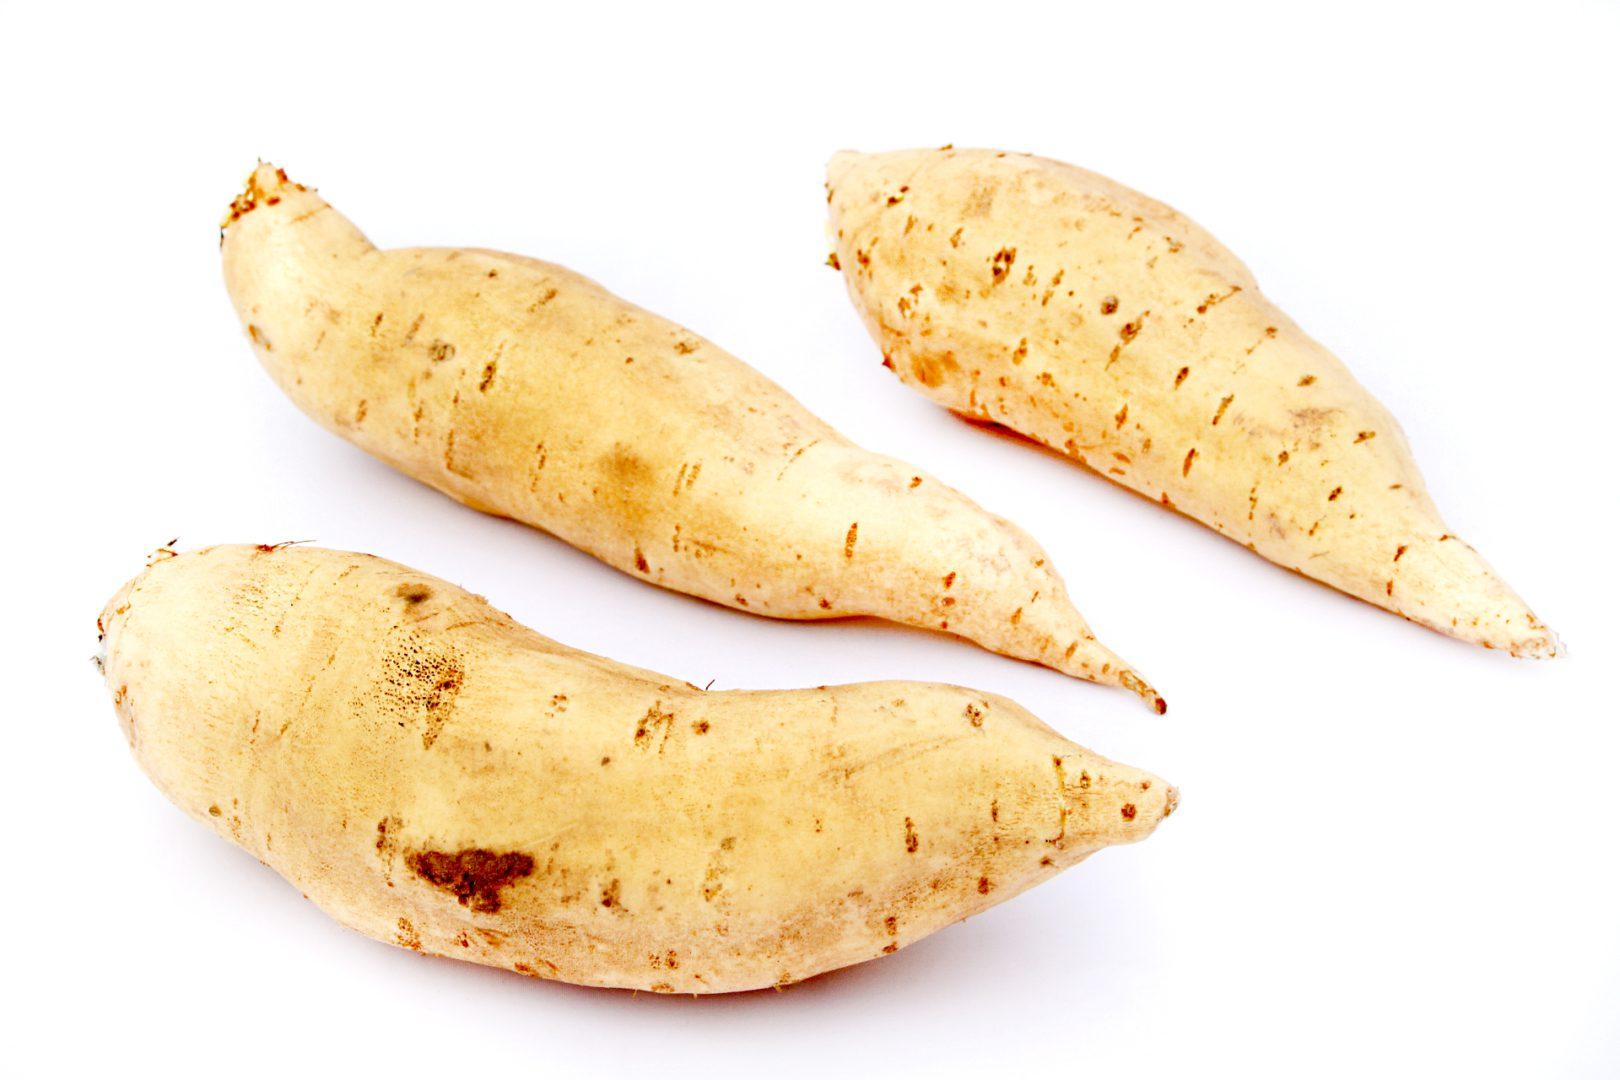 Zoete aardappel wit